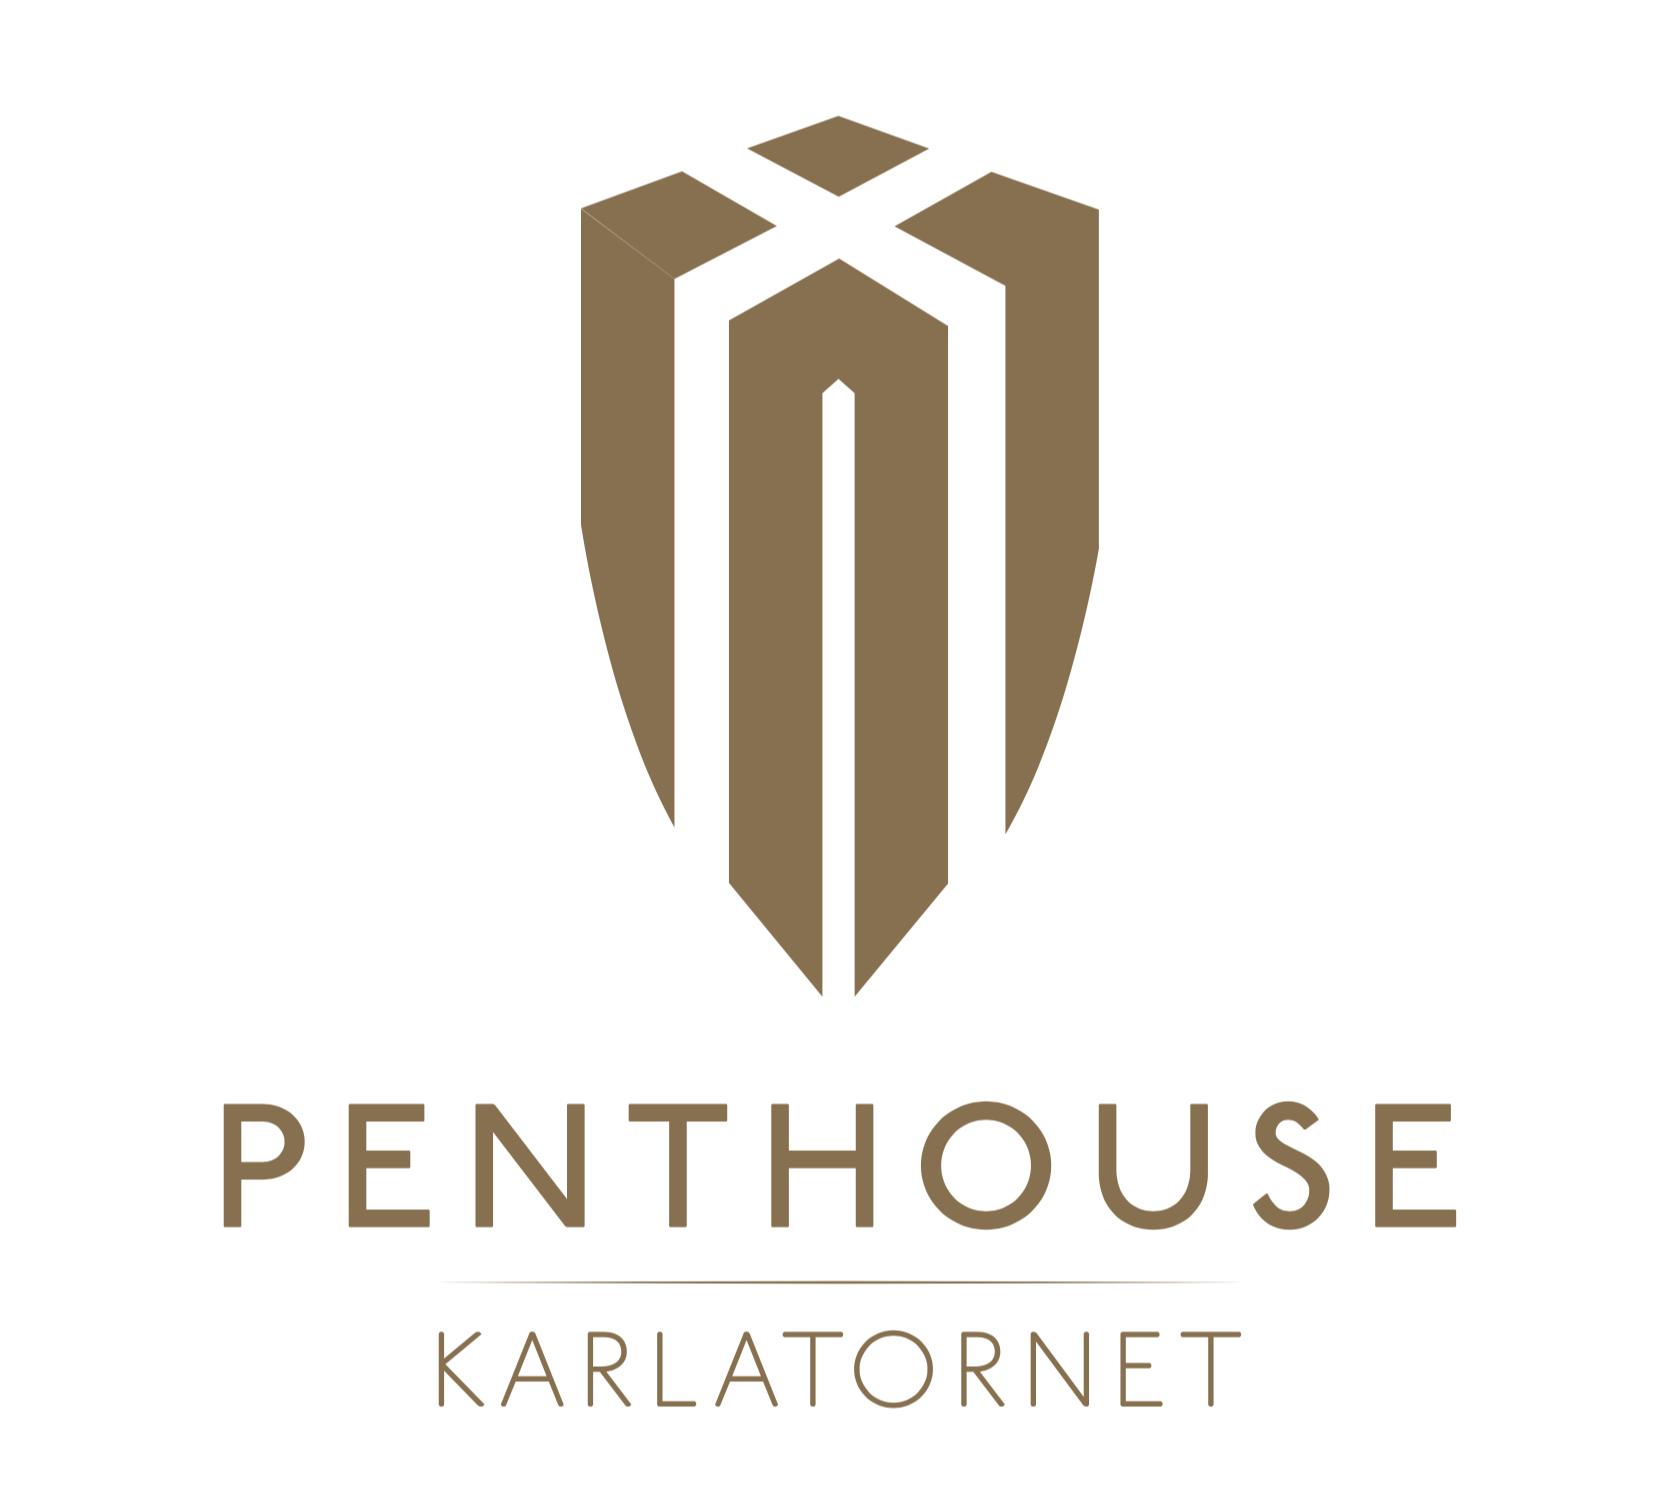 Penthouse logotype